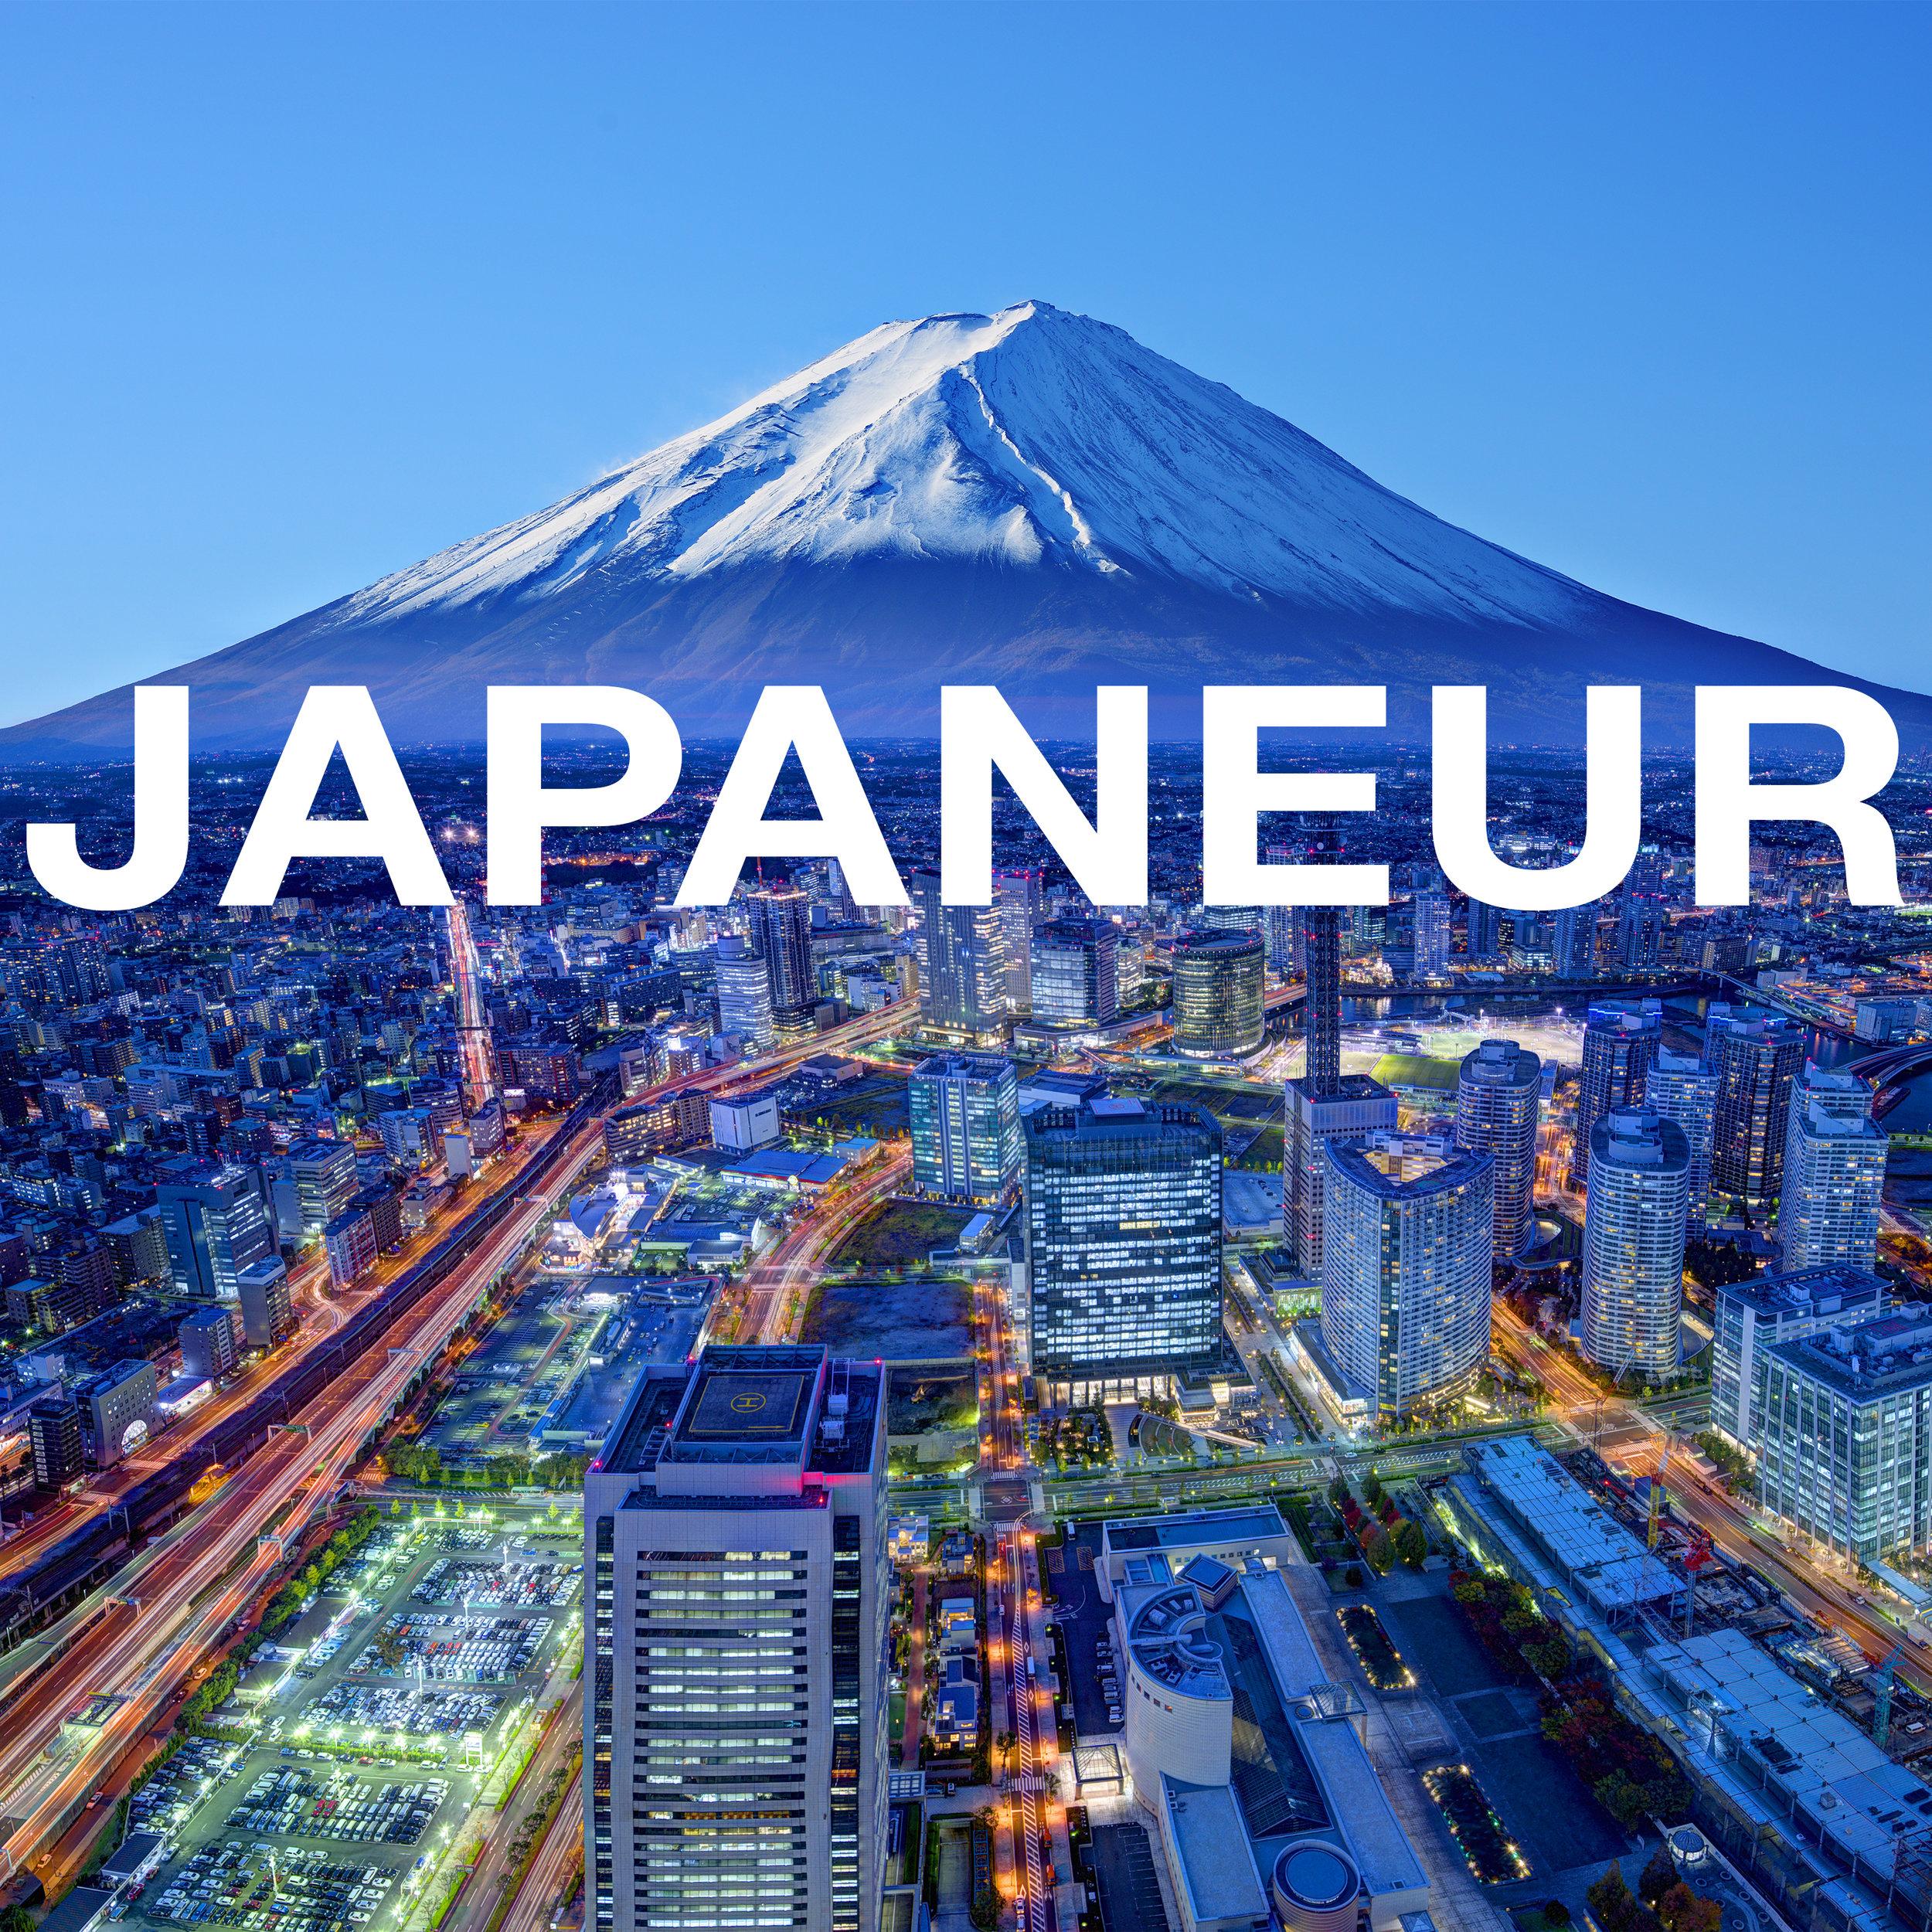 japaneur-podcast-cover-art-option-01.jpg